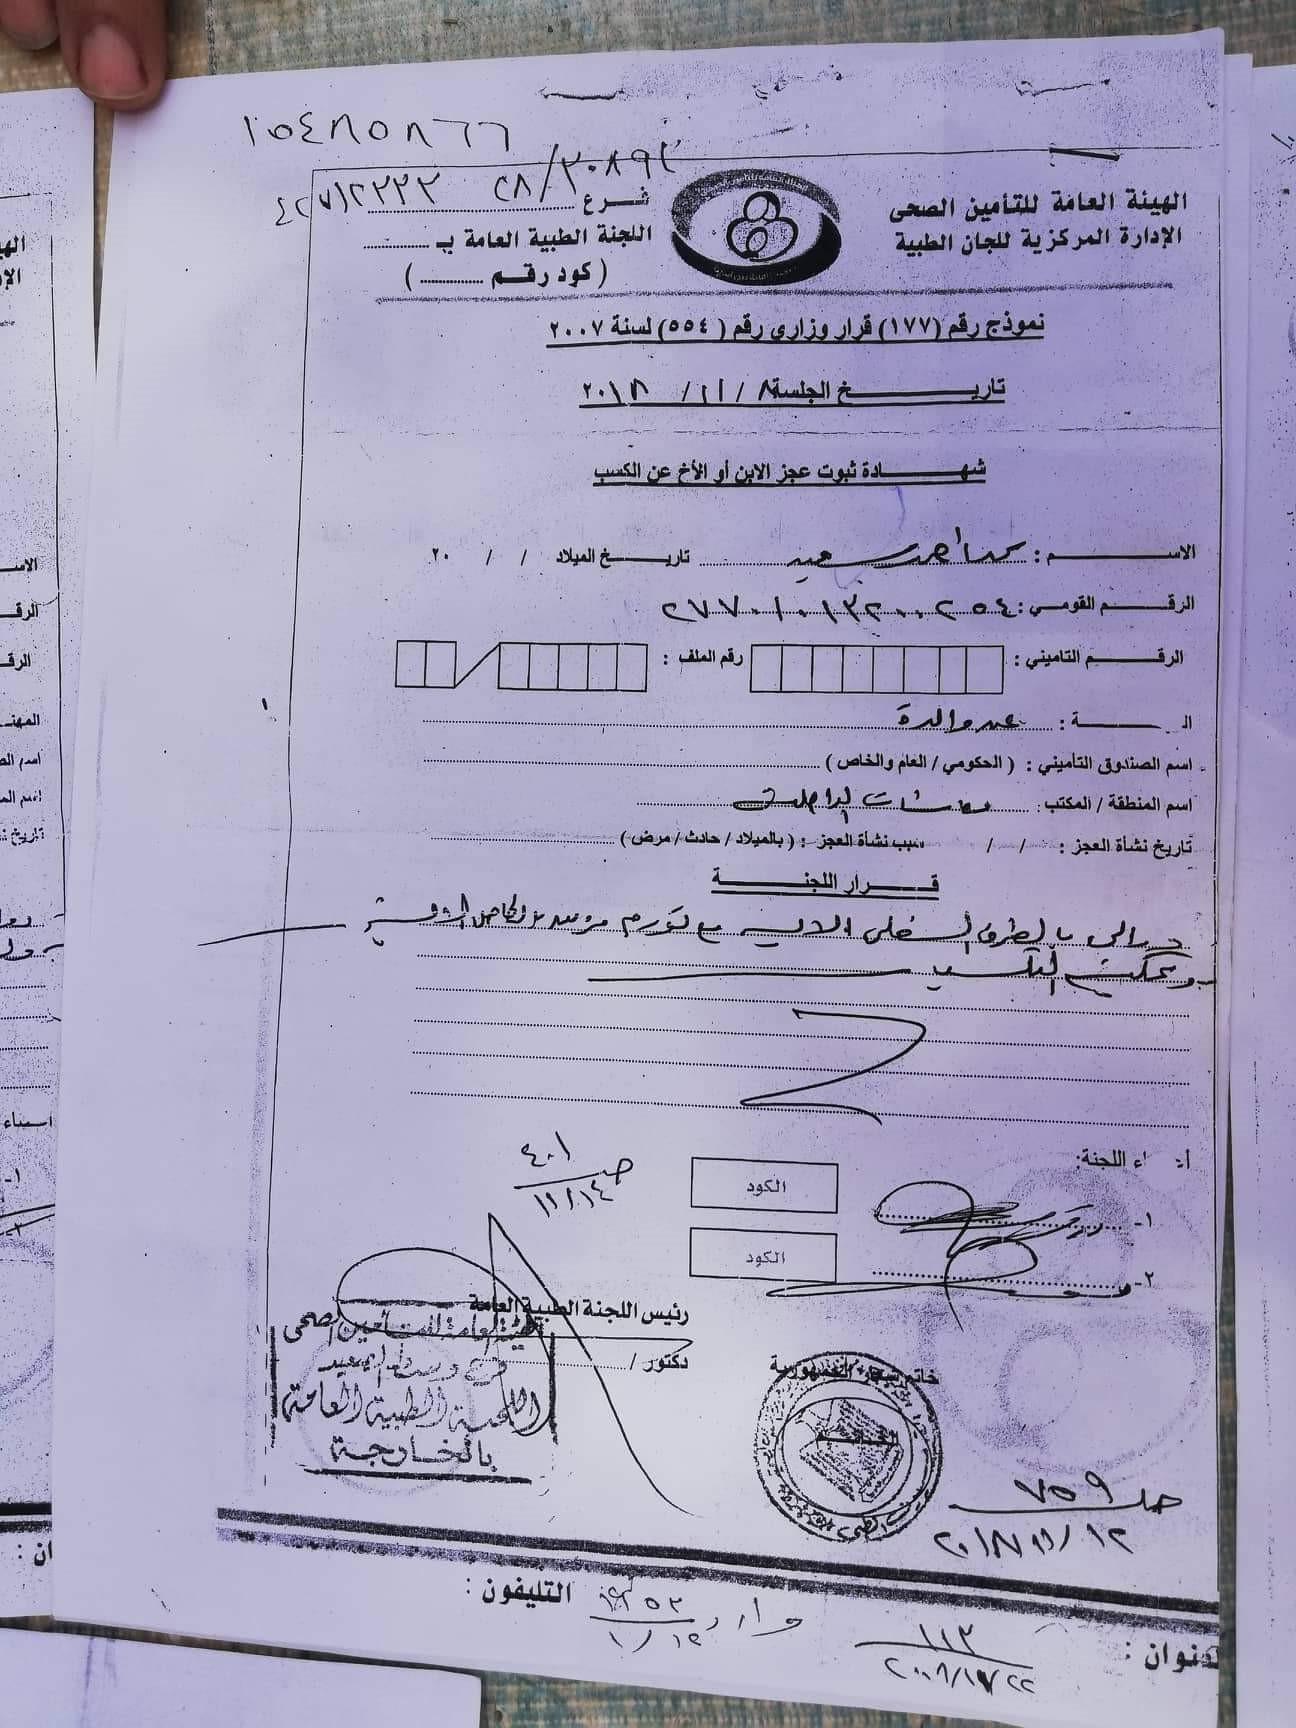 محمد أحمد سعيد شاب من أهالى مدينة موط بالداخلة (4)